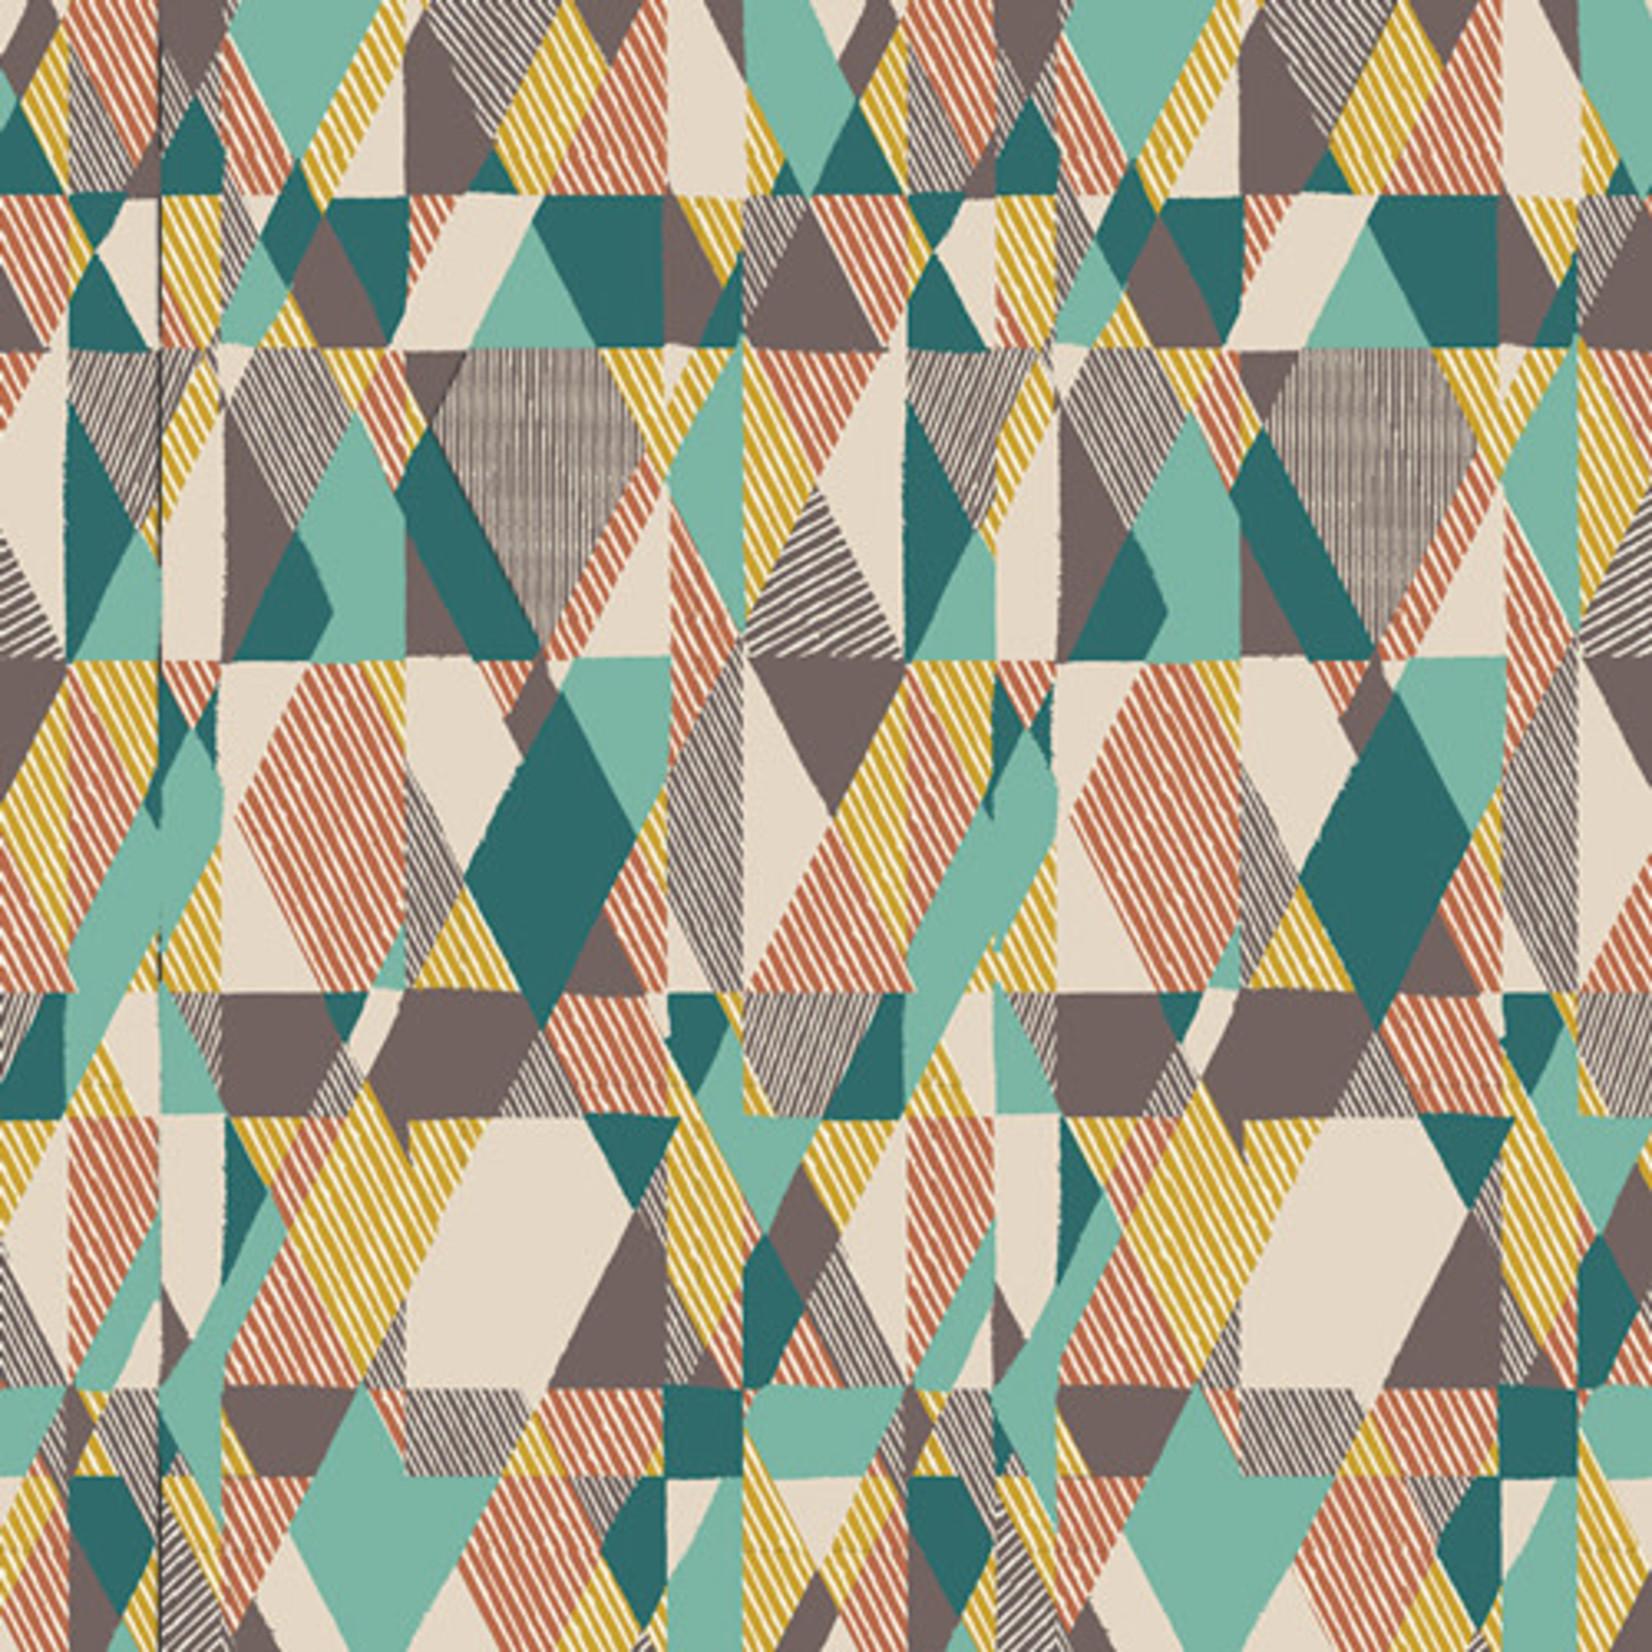 ART GALLERY Intertwill Patience in Knit K-53105